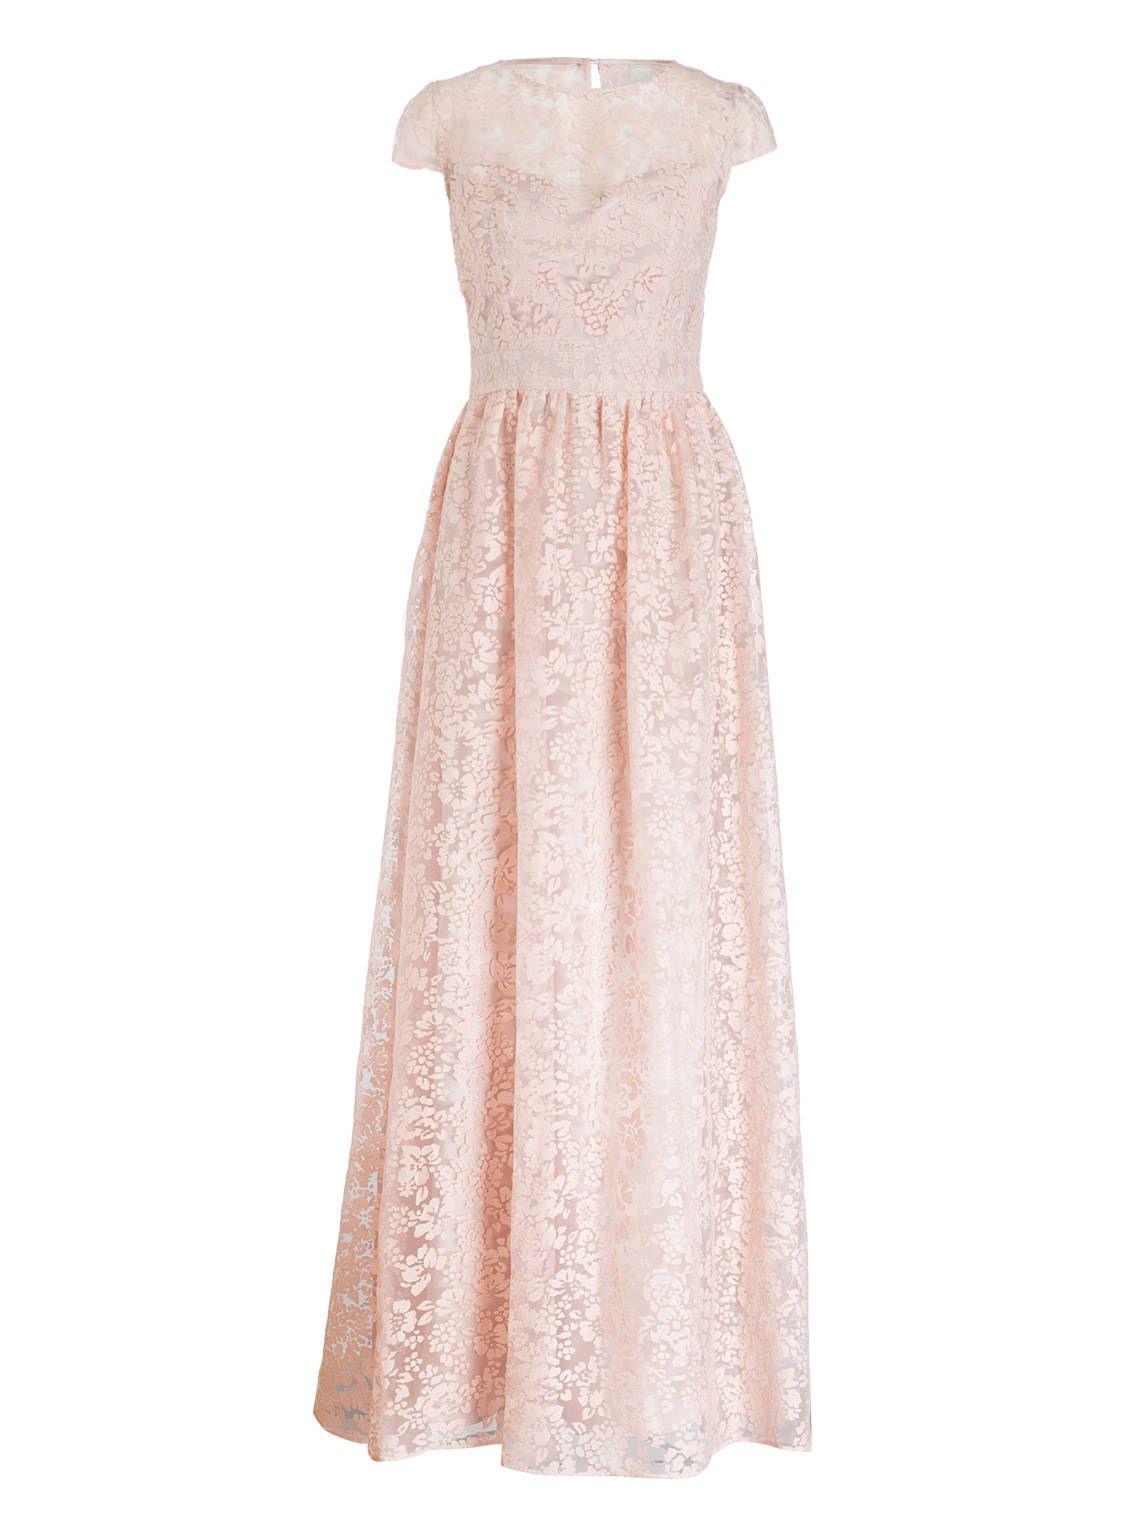 10 Einzigartig Abendkleider Young Couture Stylish Elegant Abendkleider Young Couture Bester Preis